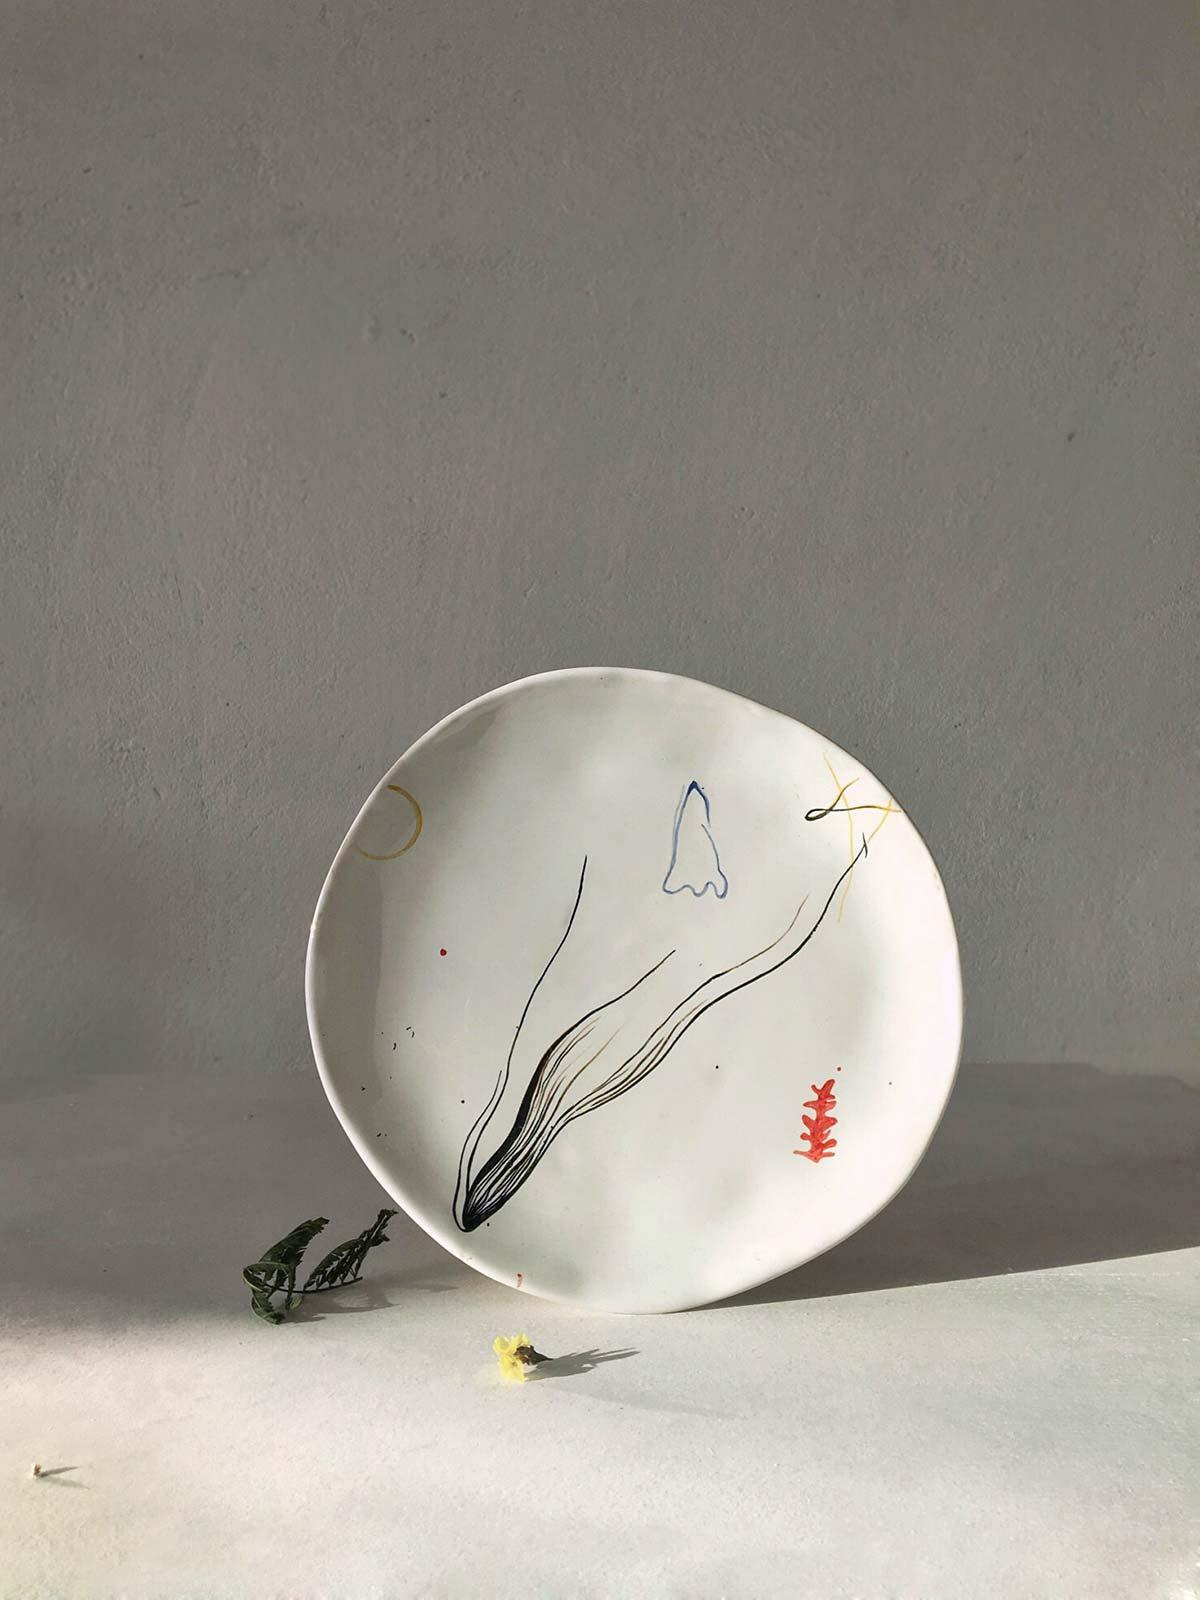 Тарелка ручной работы с художественным рисунком